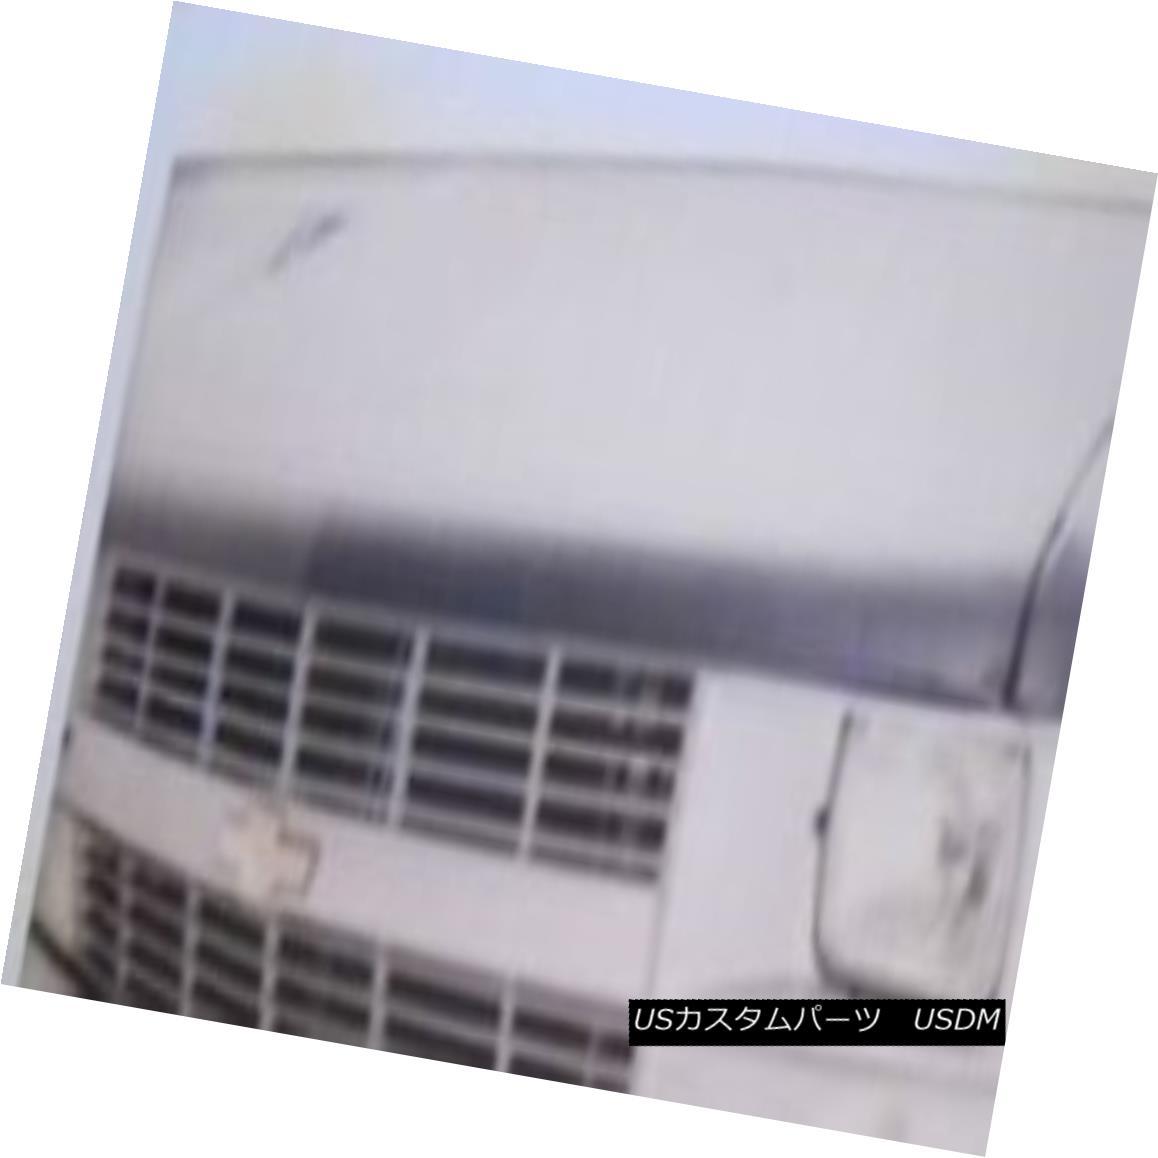 フルブラ ノーズブラ Lebra Hood Protector Mini Mask Bra Fits 1995-2005 Chevy Astro Lebraフードプロテクターミニマスクブラは1995年から2005年に合うChevy Astro